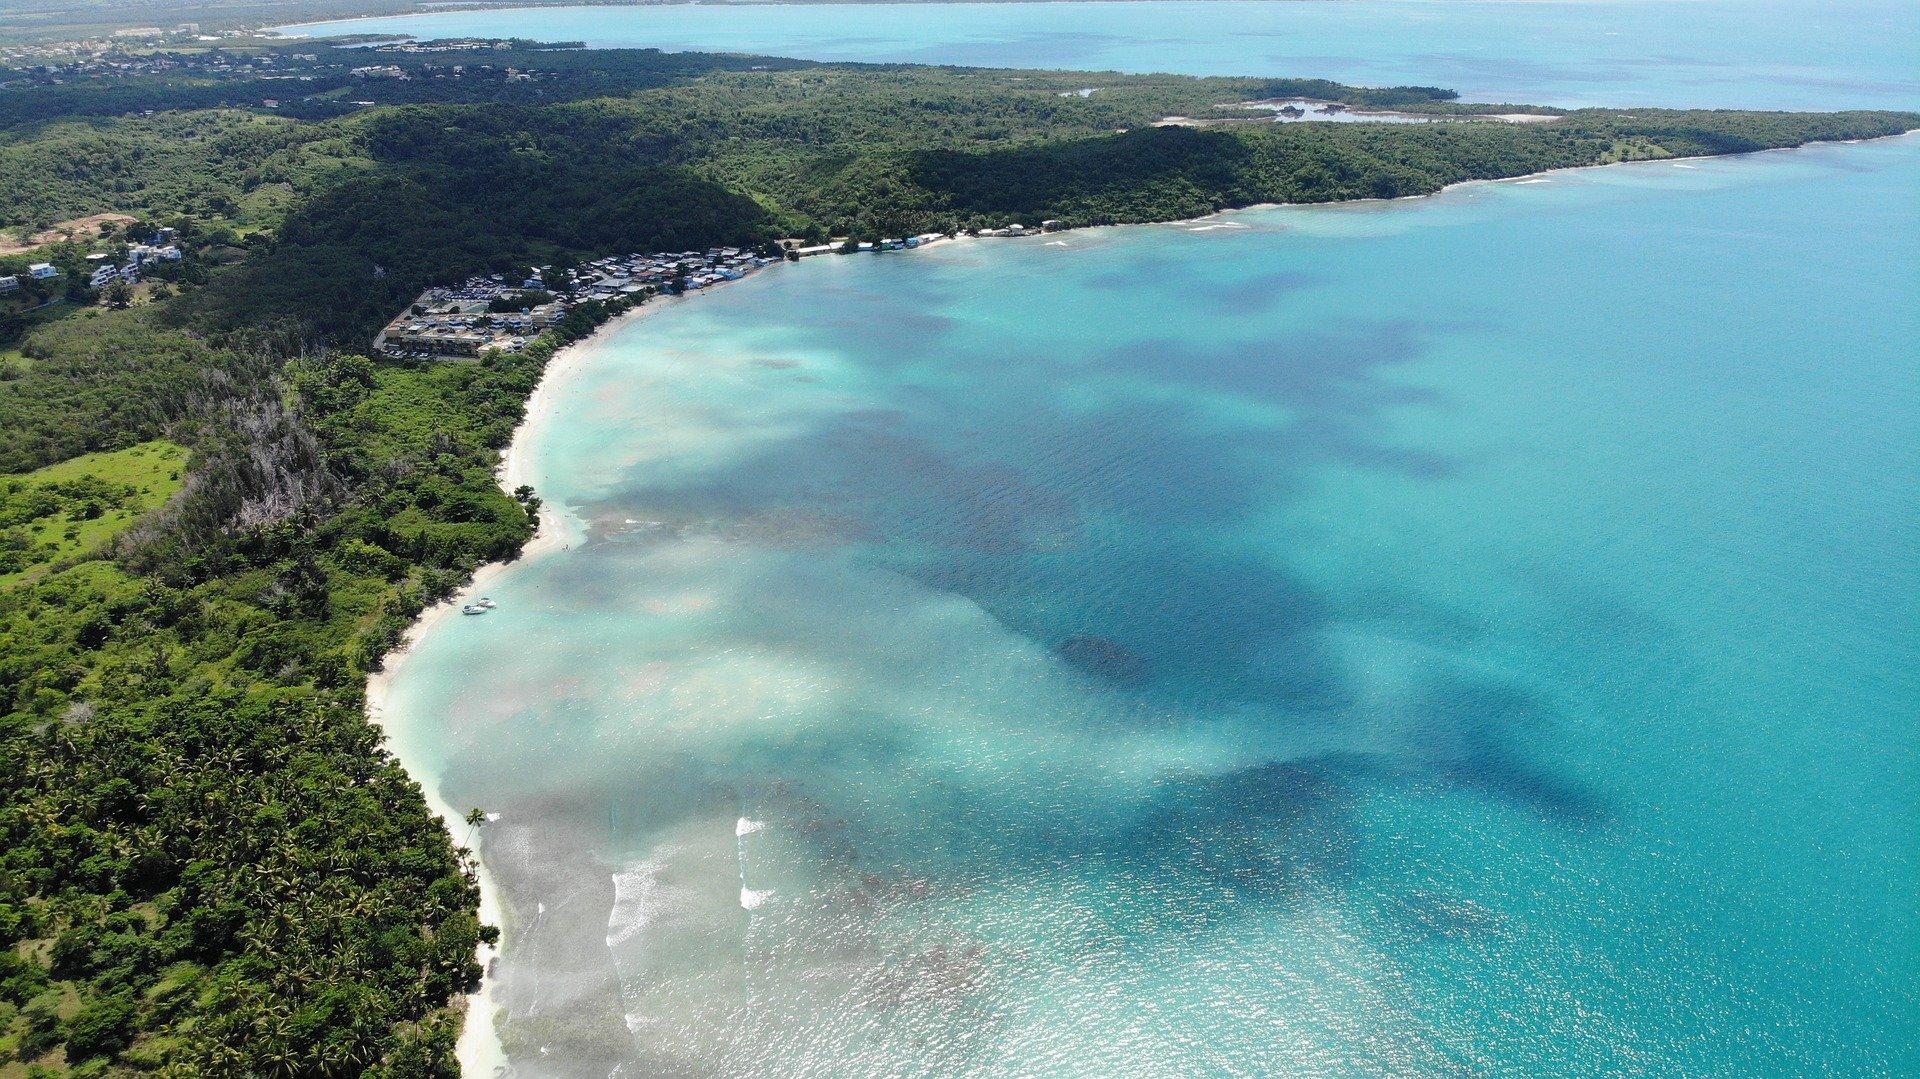 Vista aérea de la costa Puerto Rico